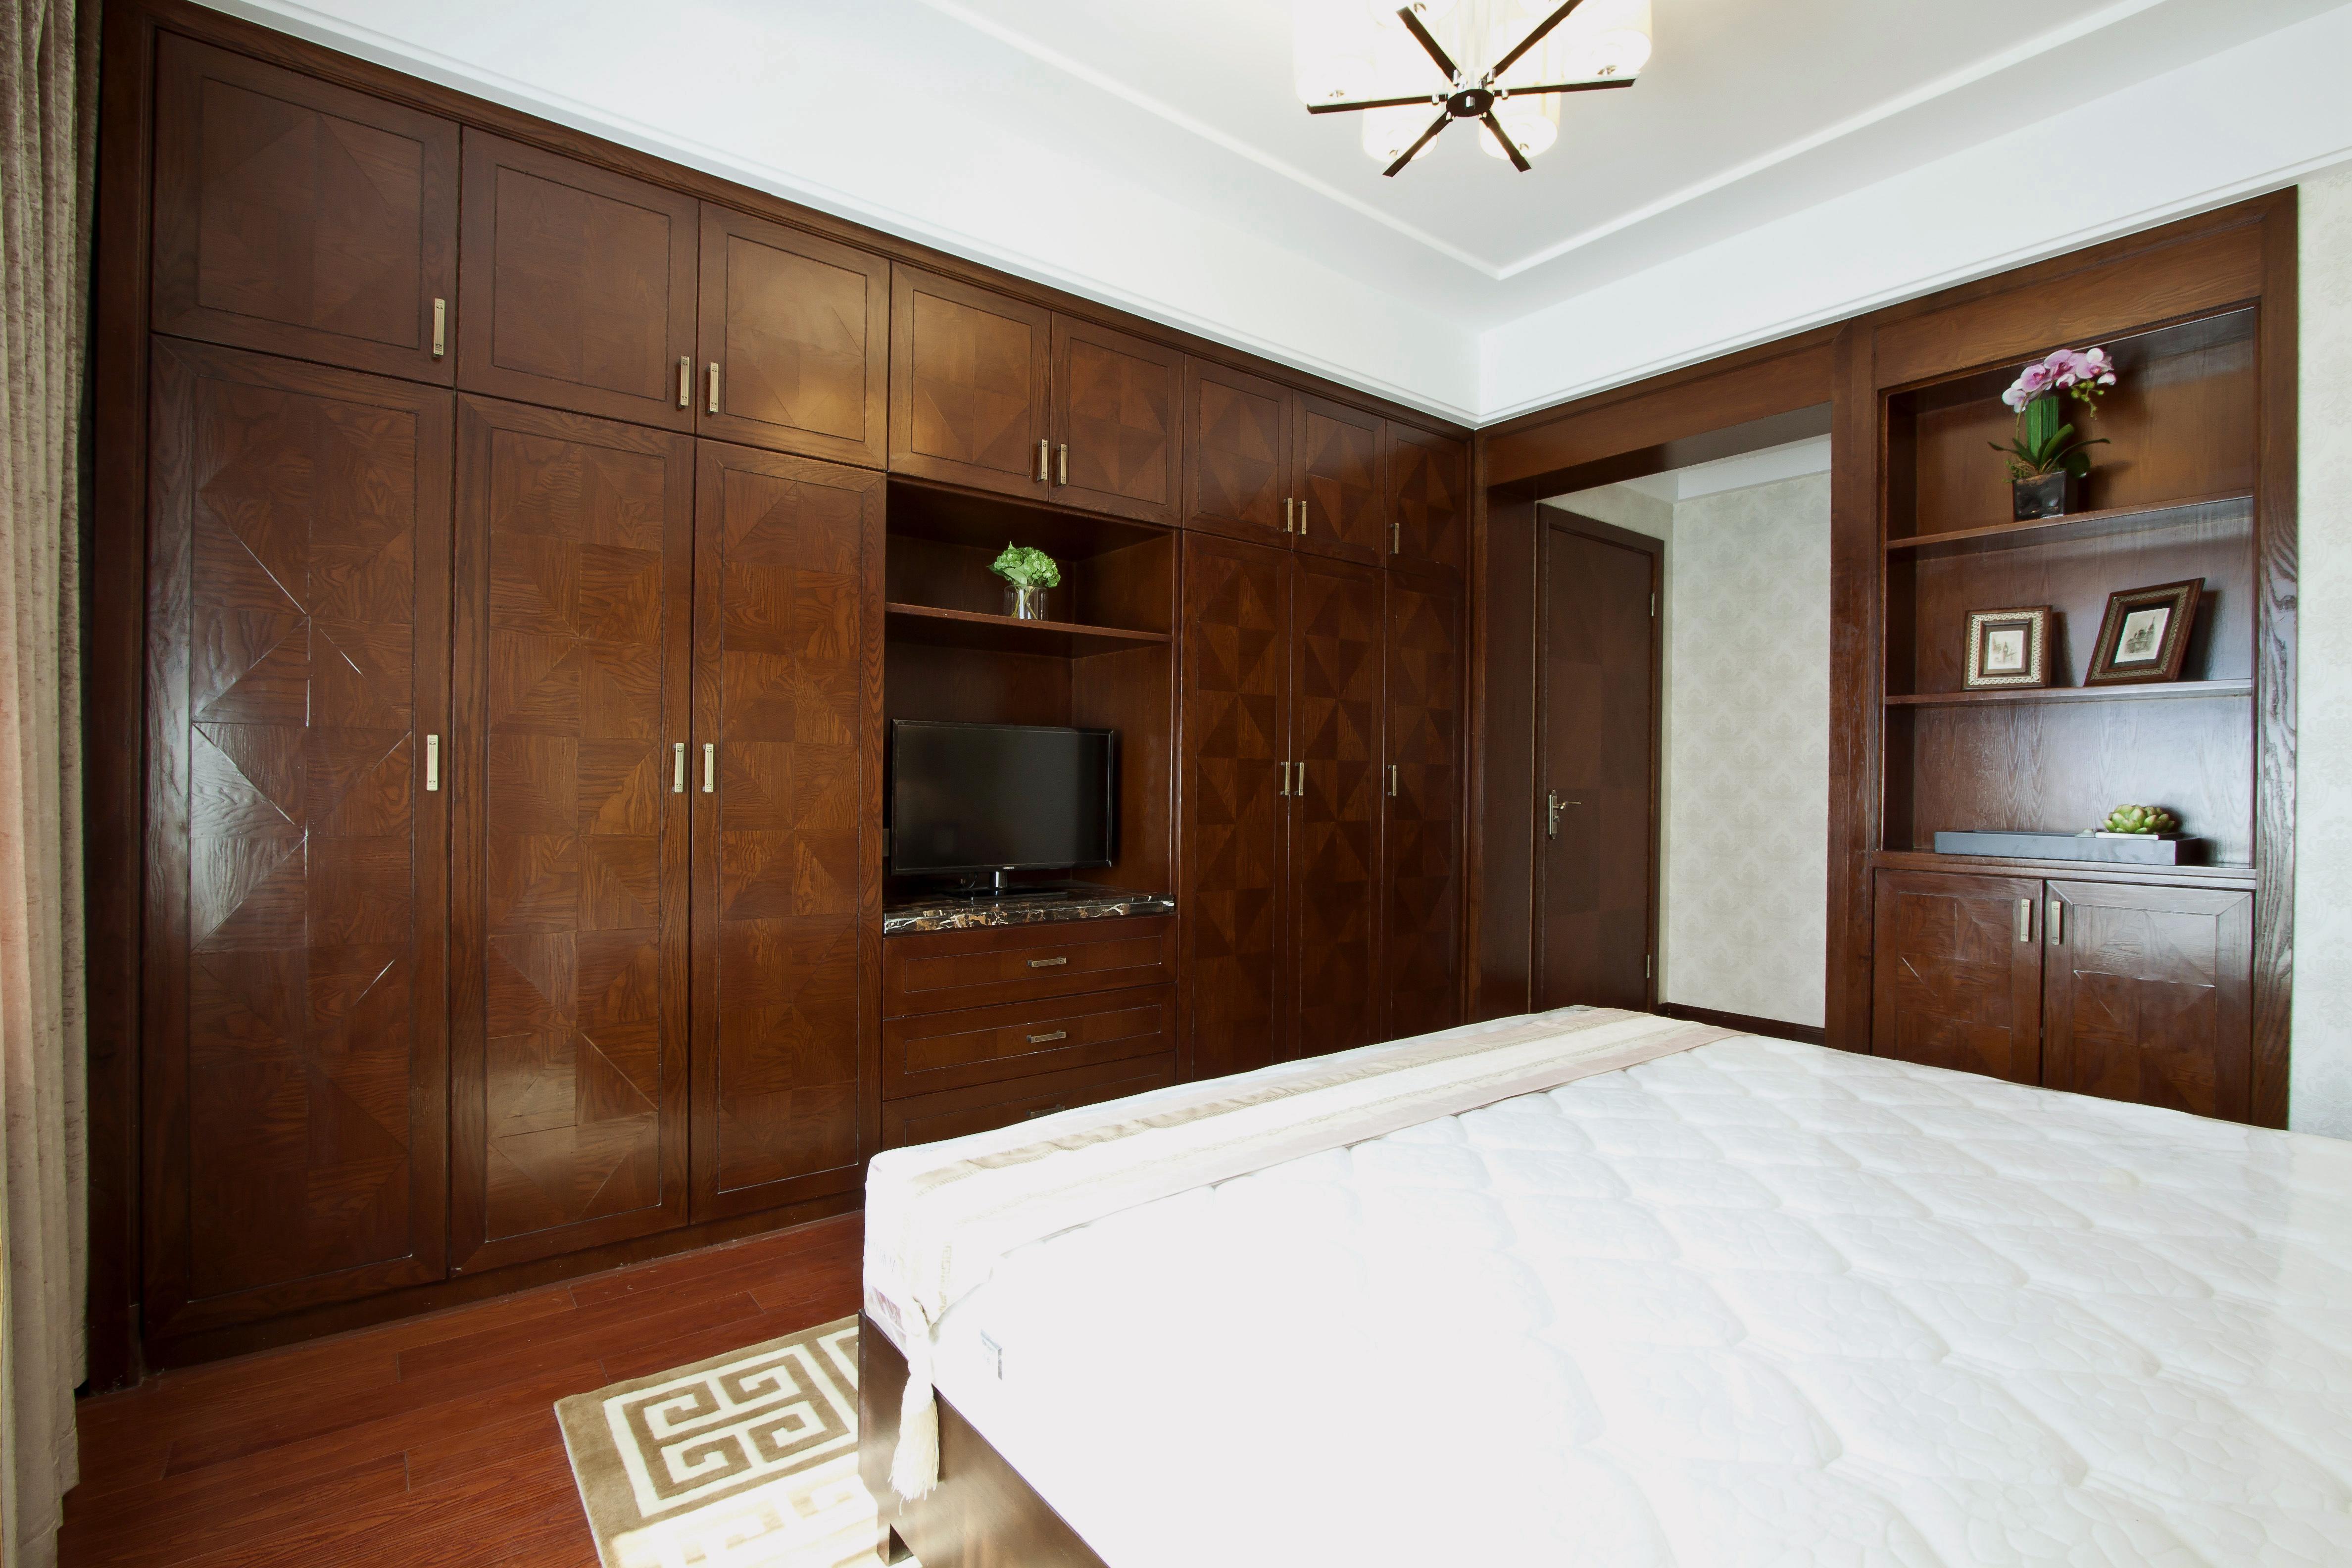 主卧室衣柜装修效果图大全2018图片,主卧室衣柜装修图